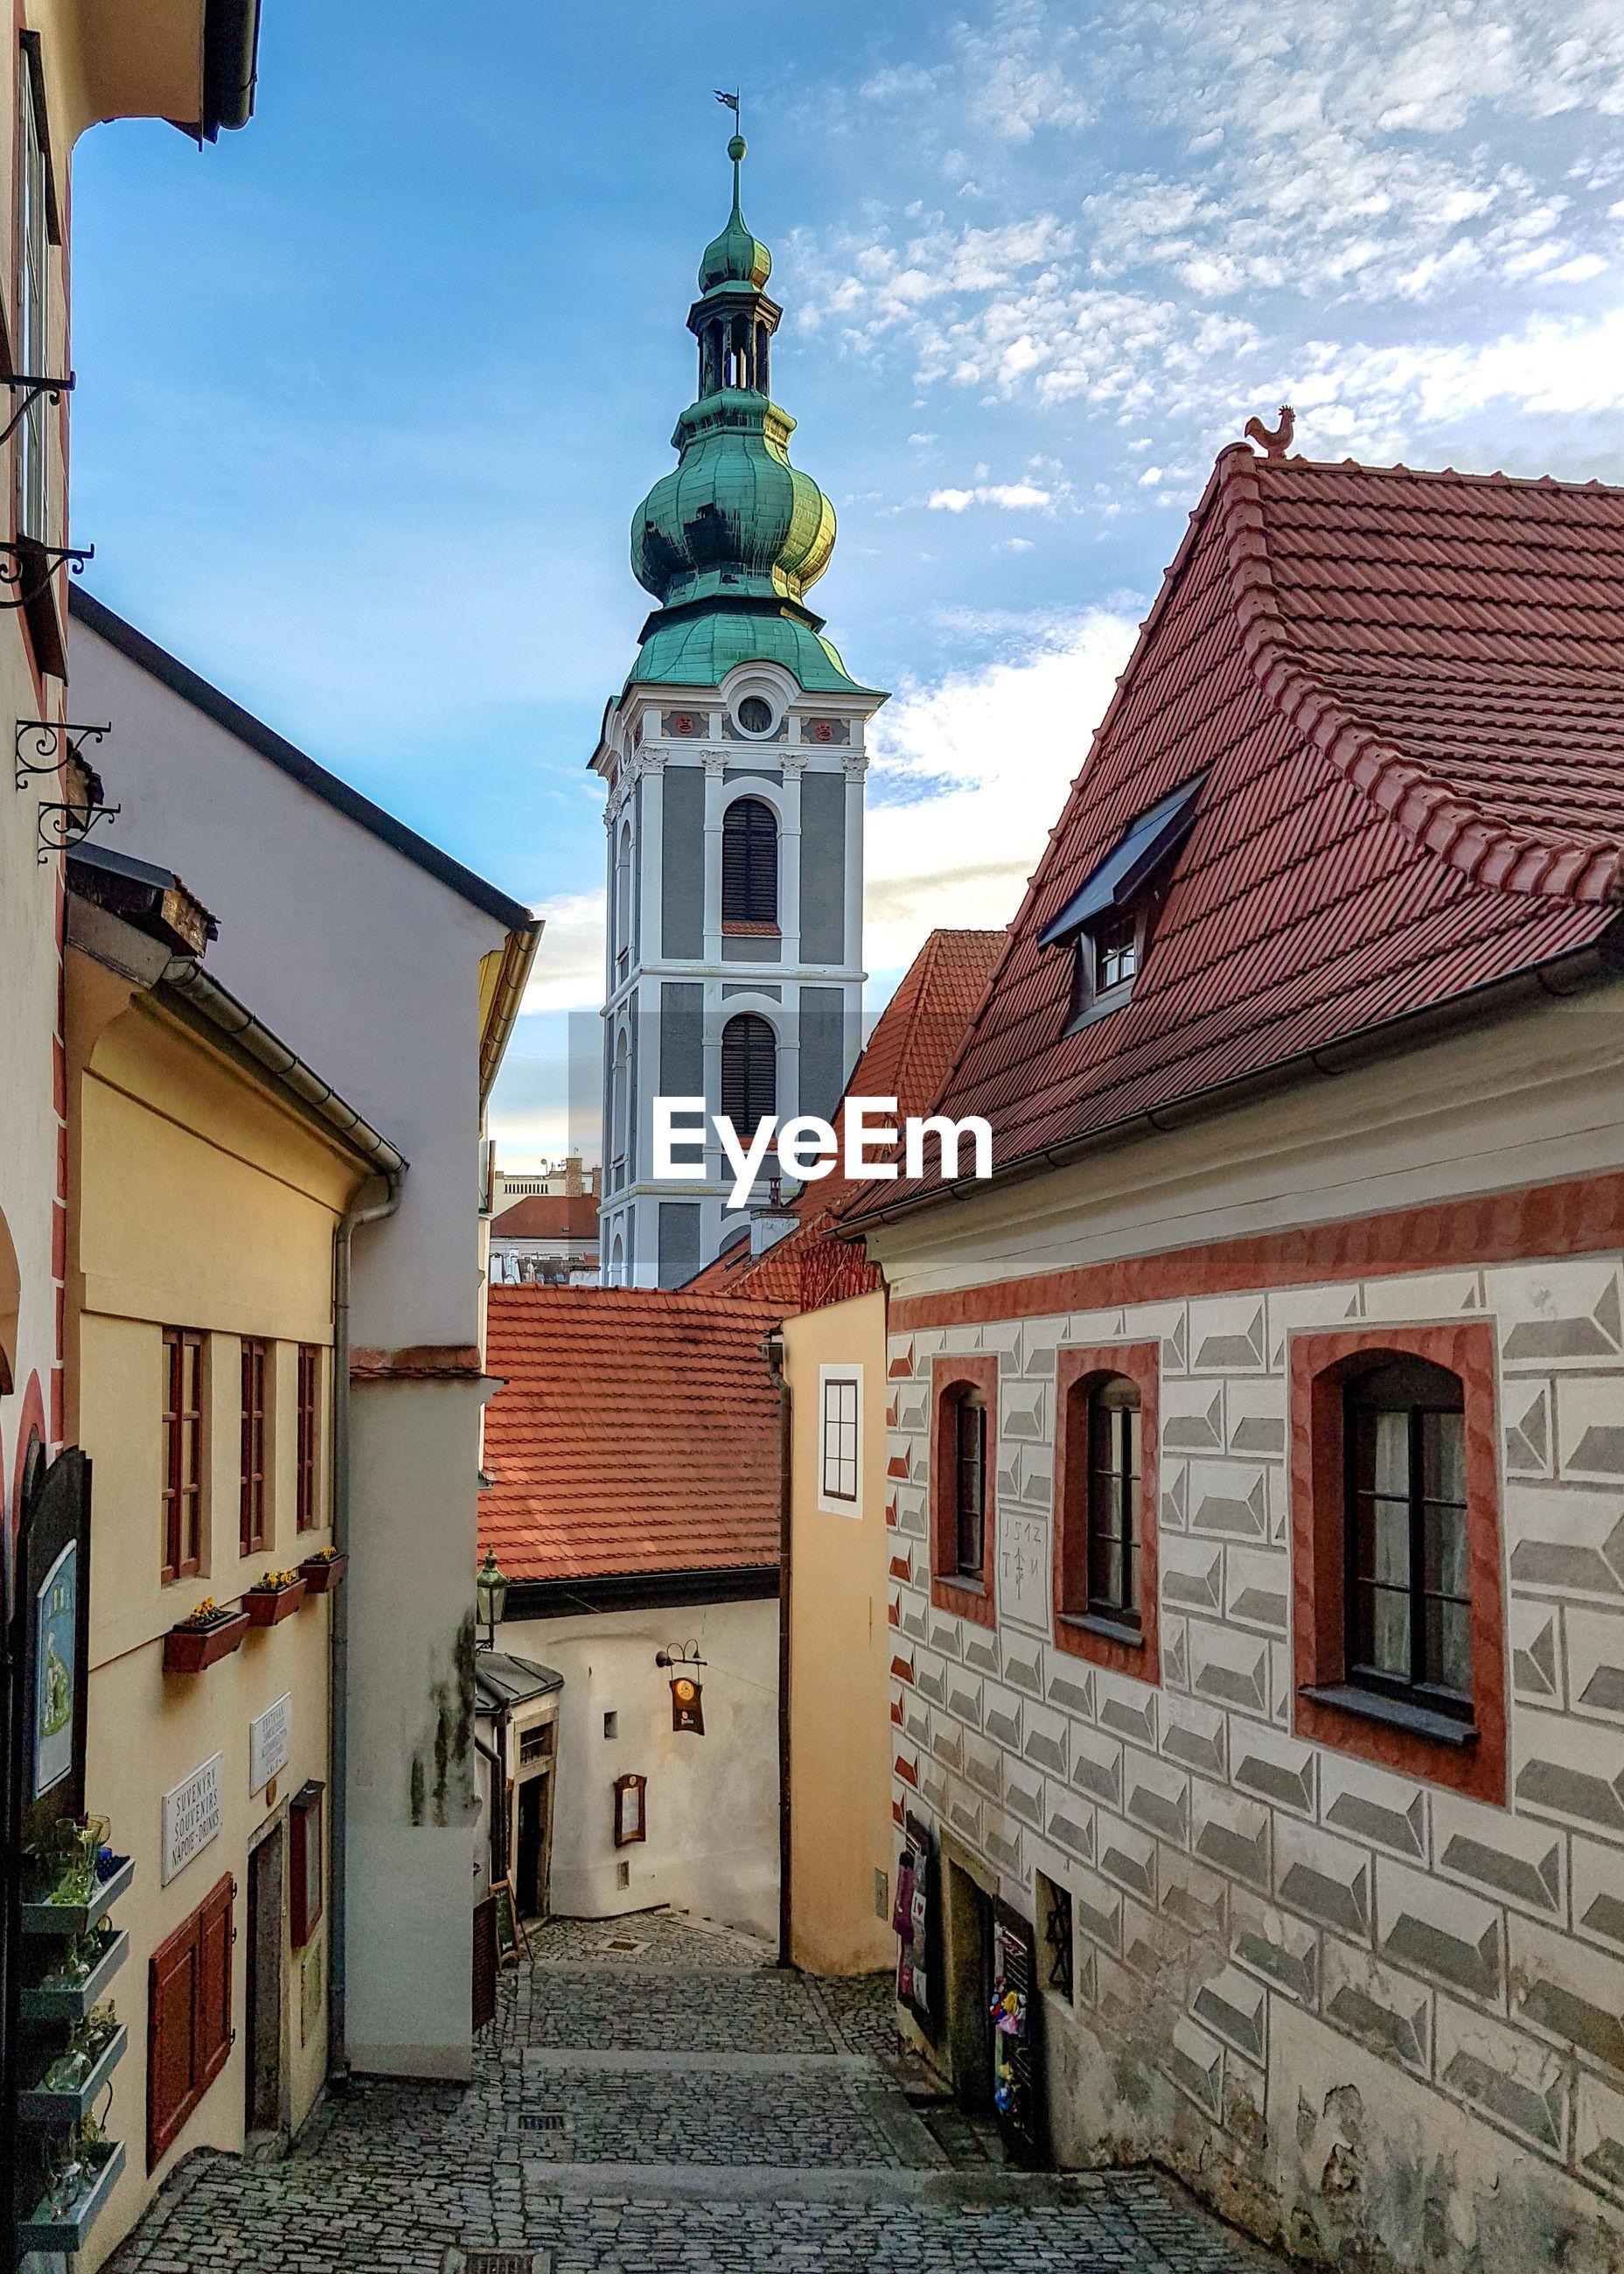 VIEW OF BUILDINGS AGAINST SKY